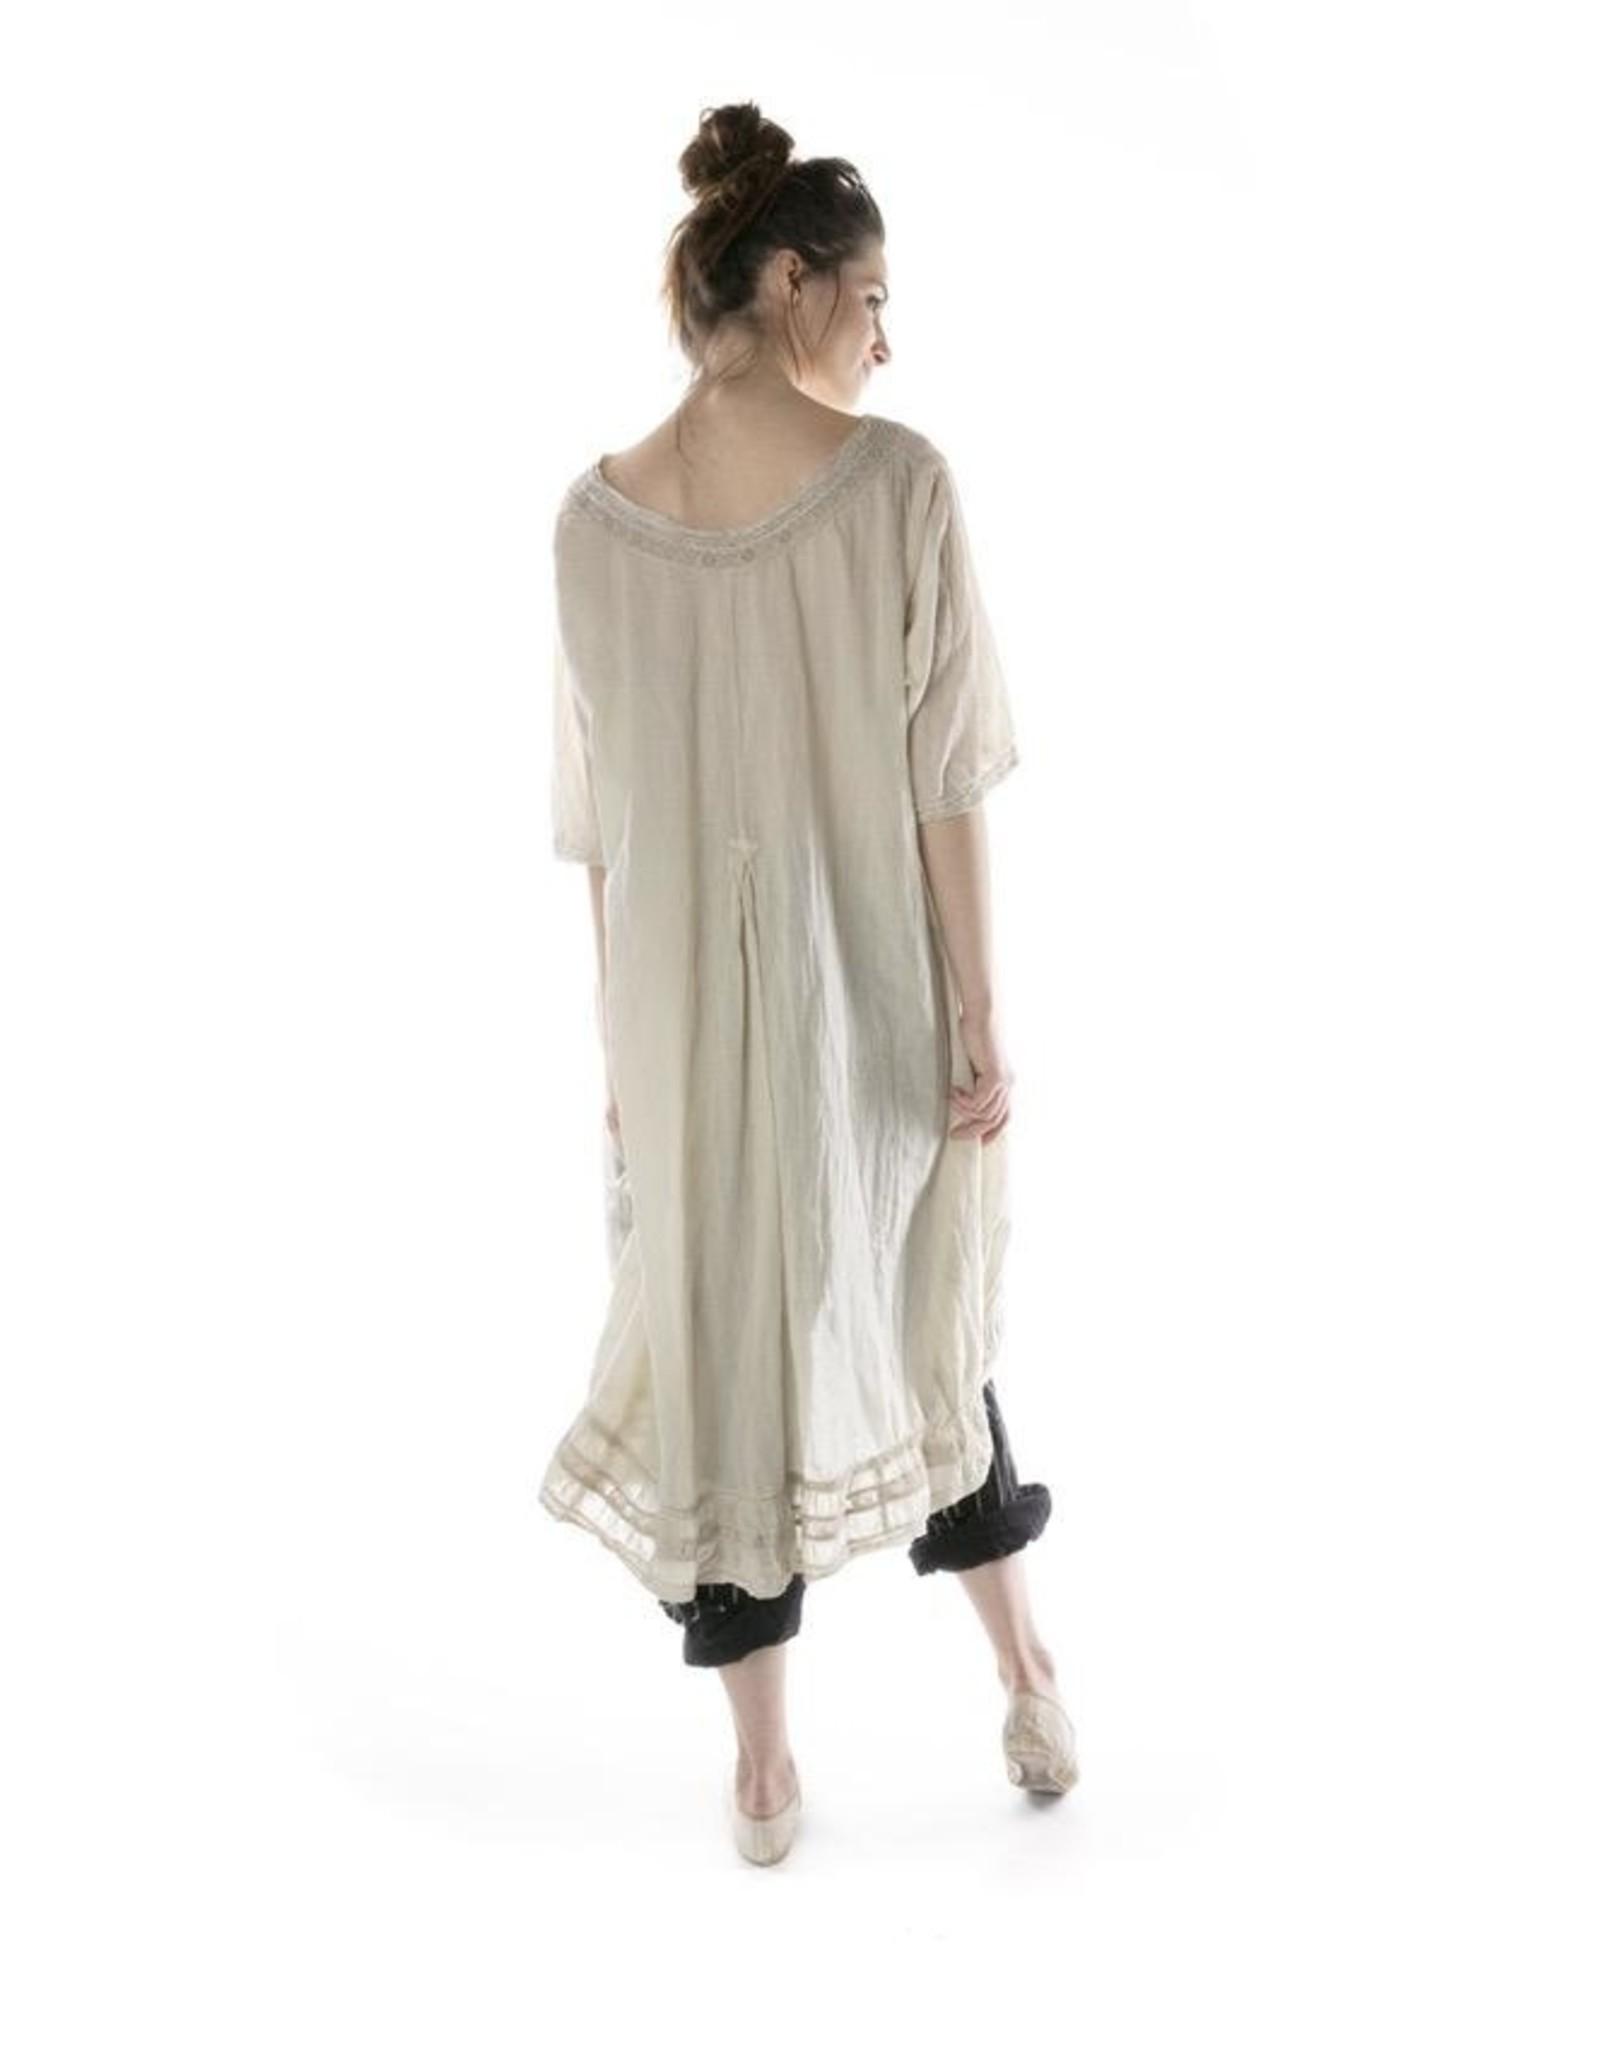 Magnolia Pearl Minette Dress - Moonlight